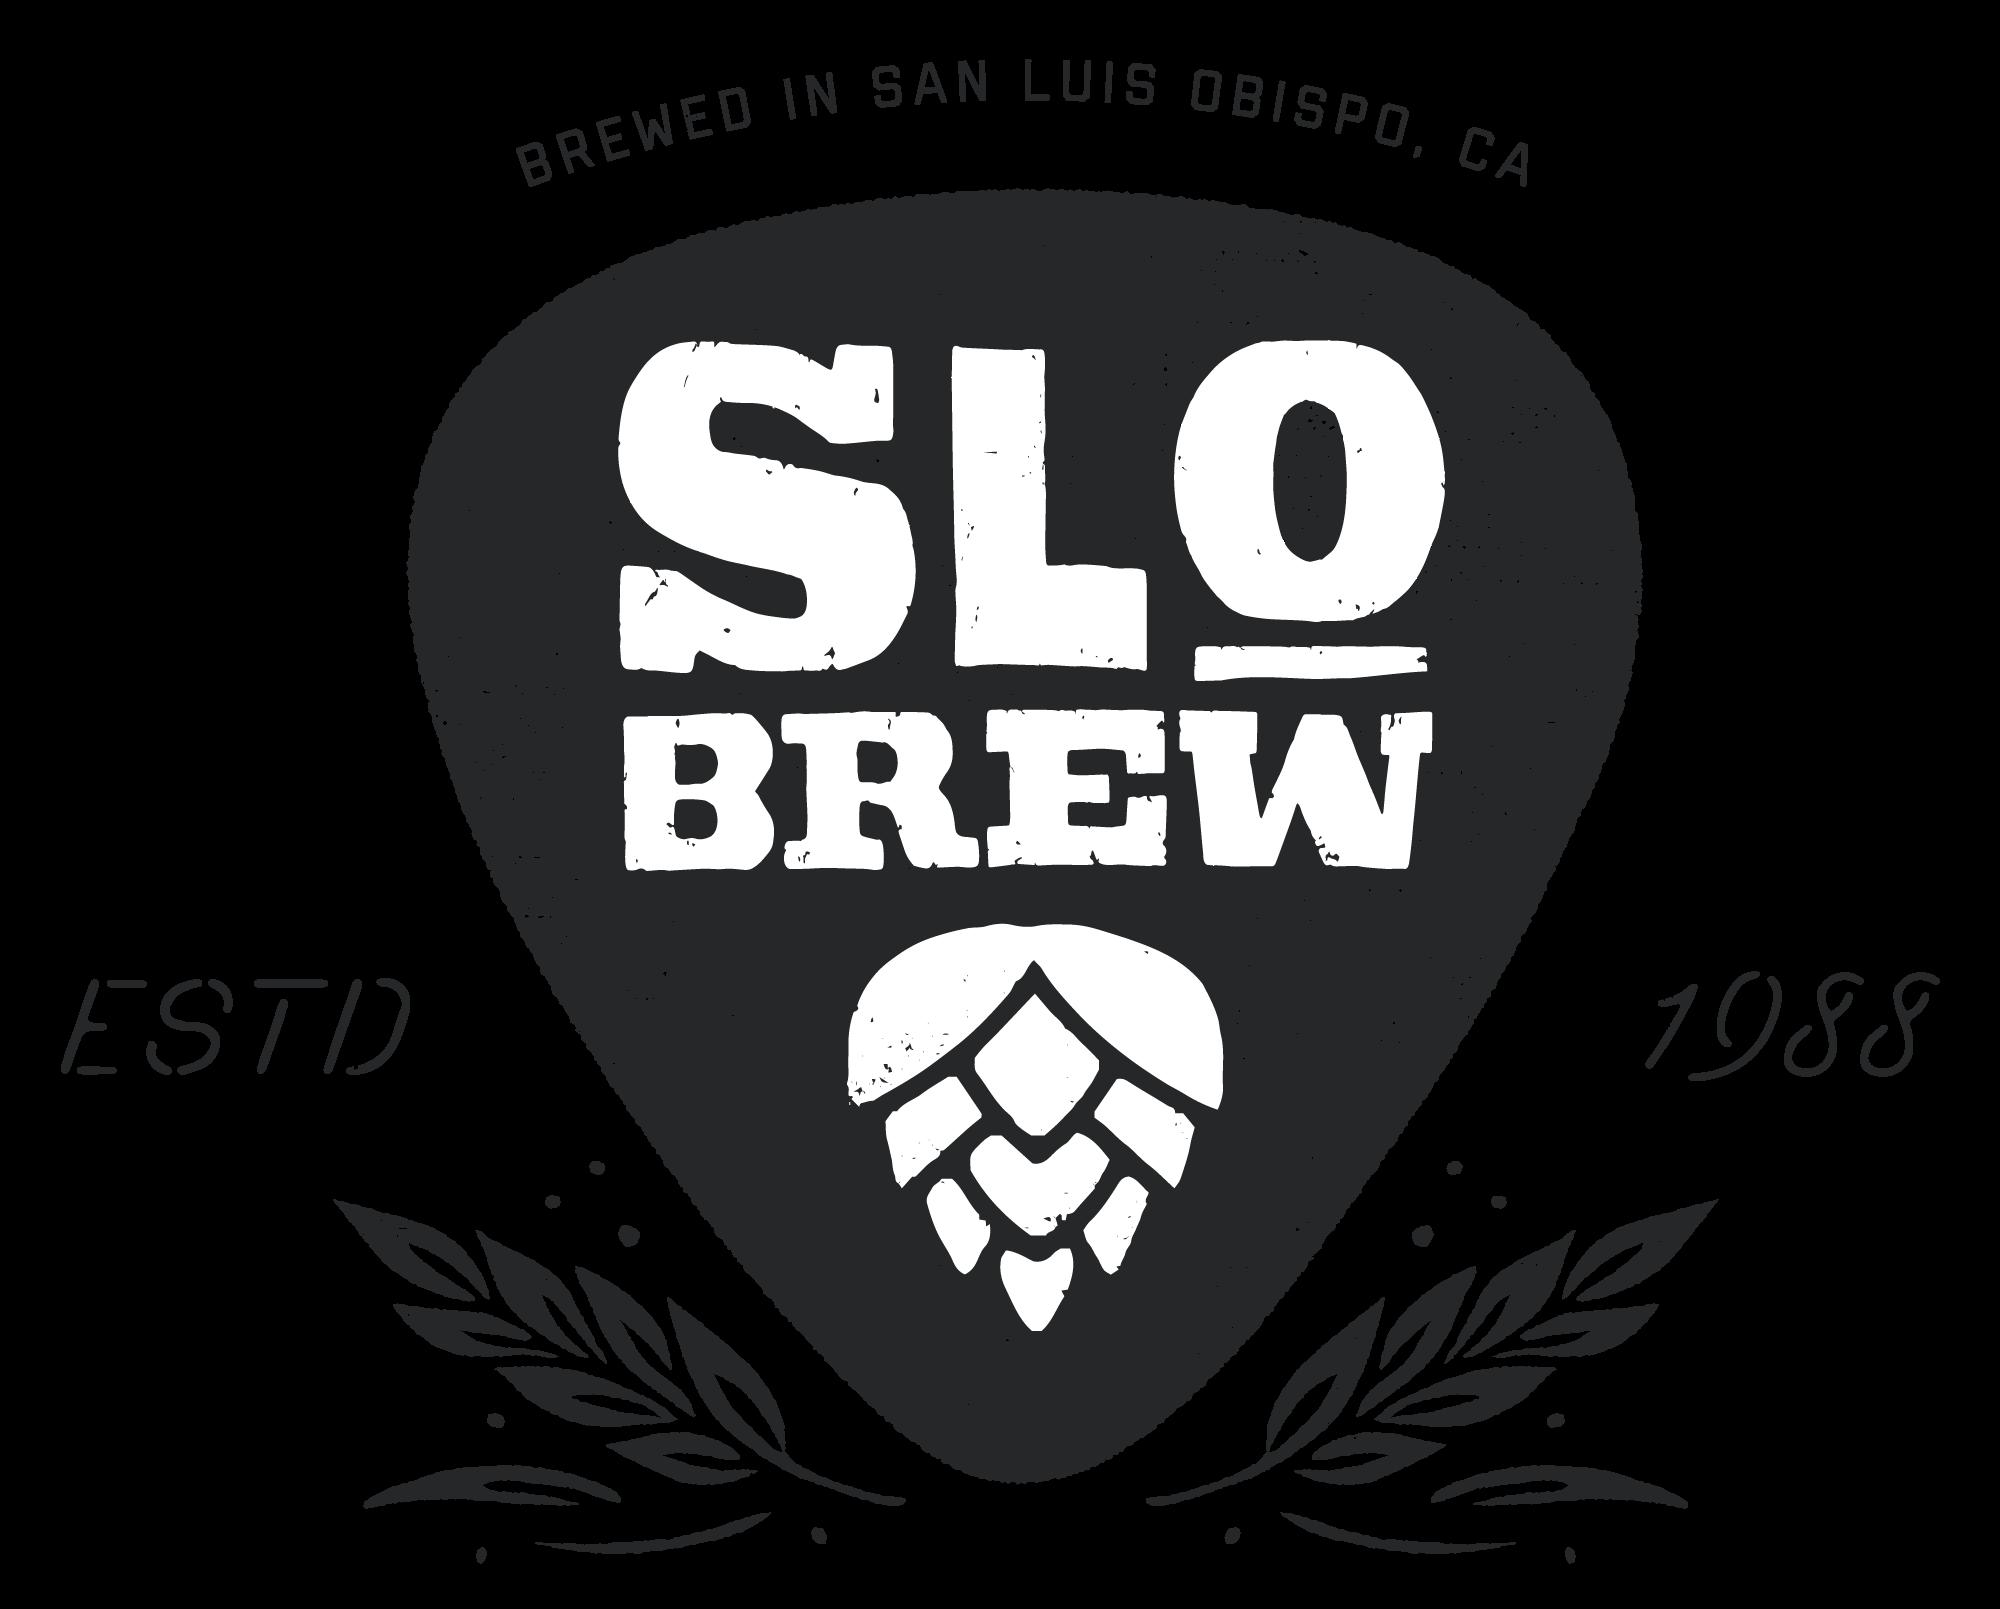 San Luis Obispo - Brewpub